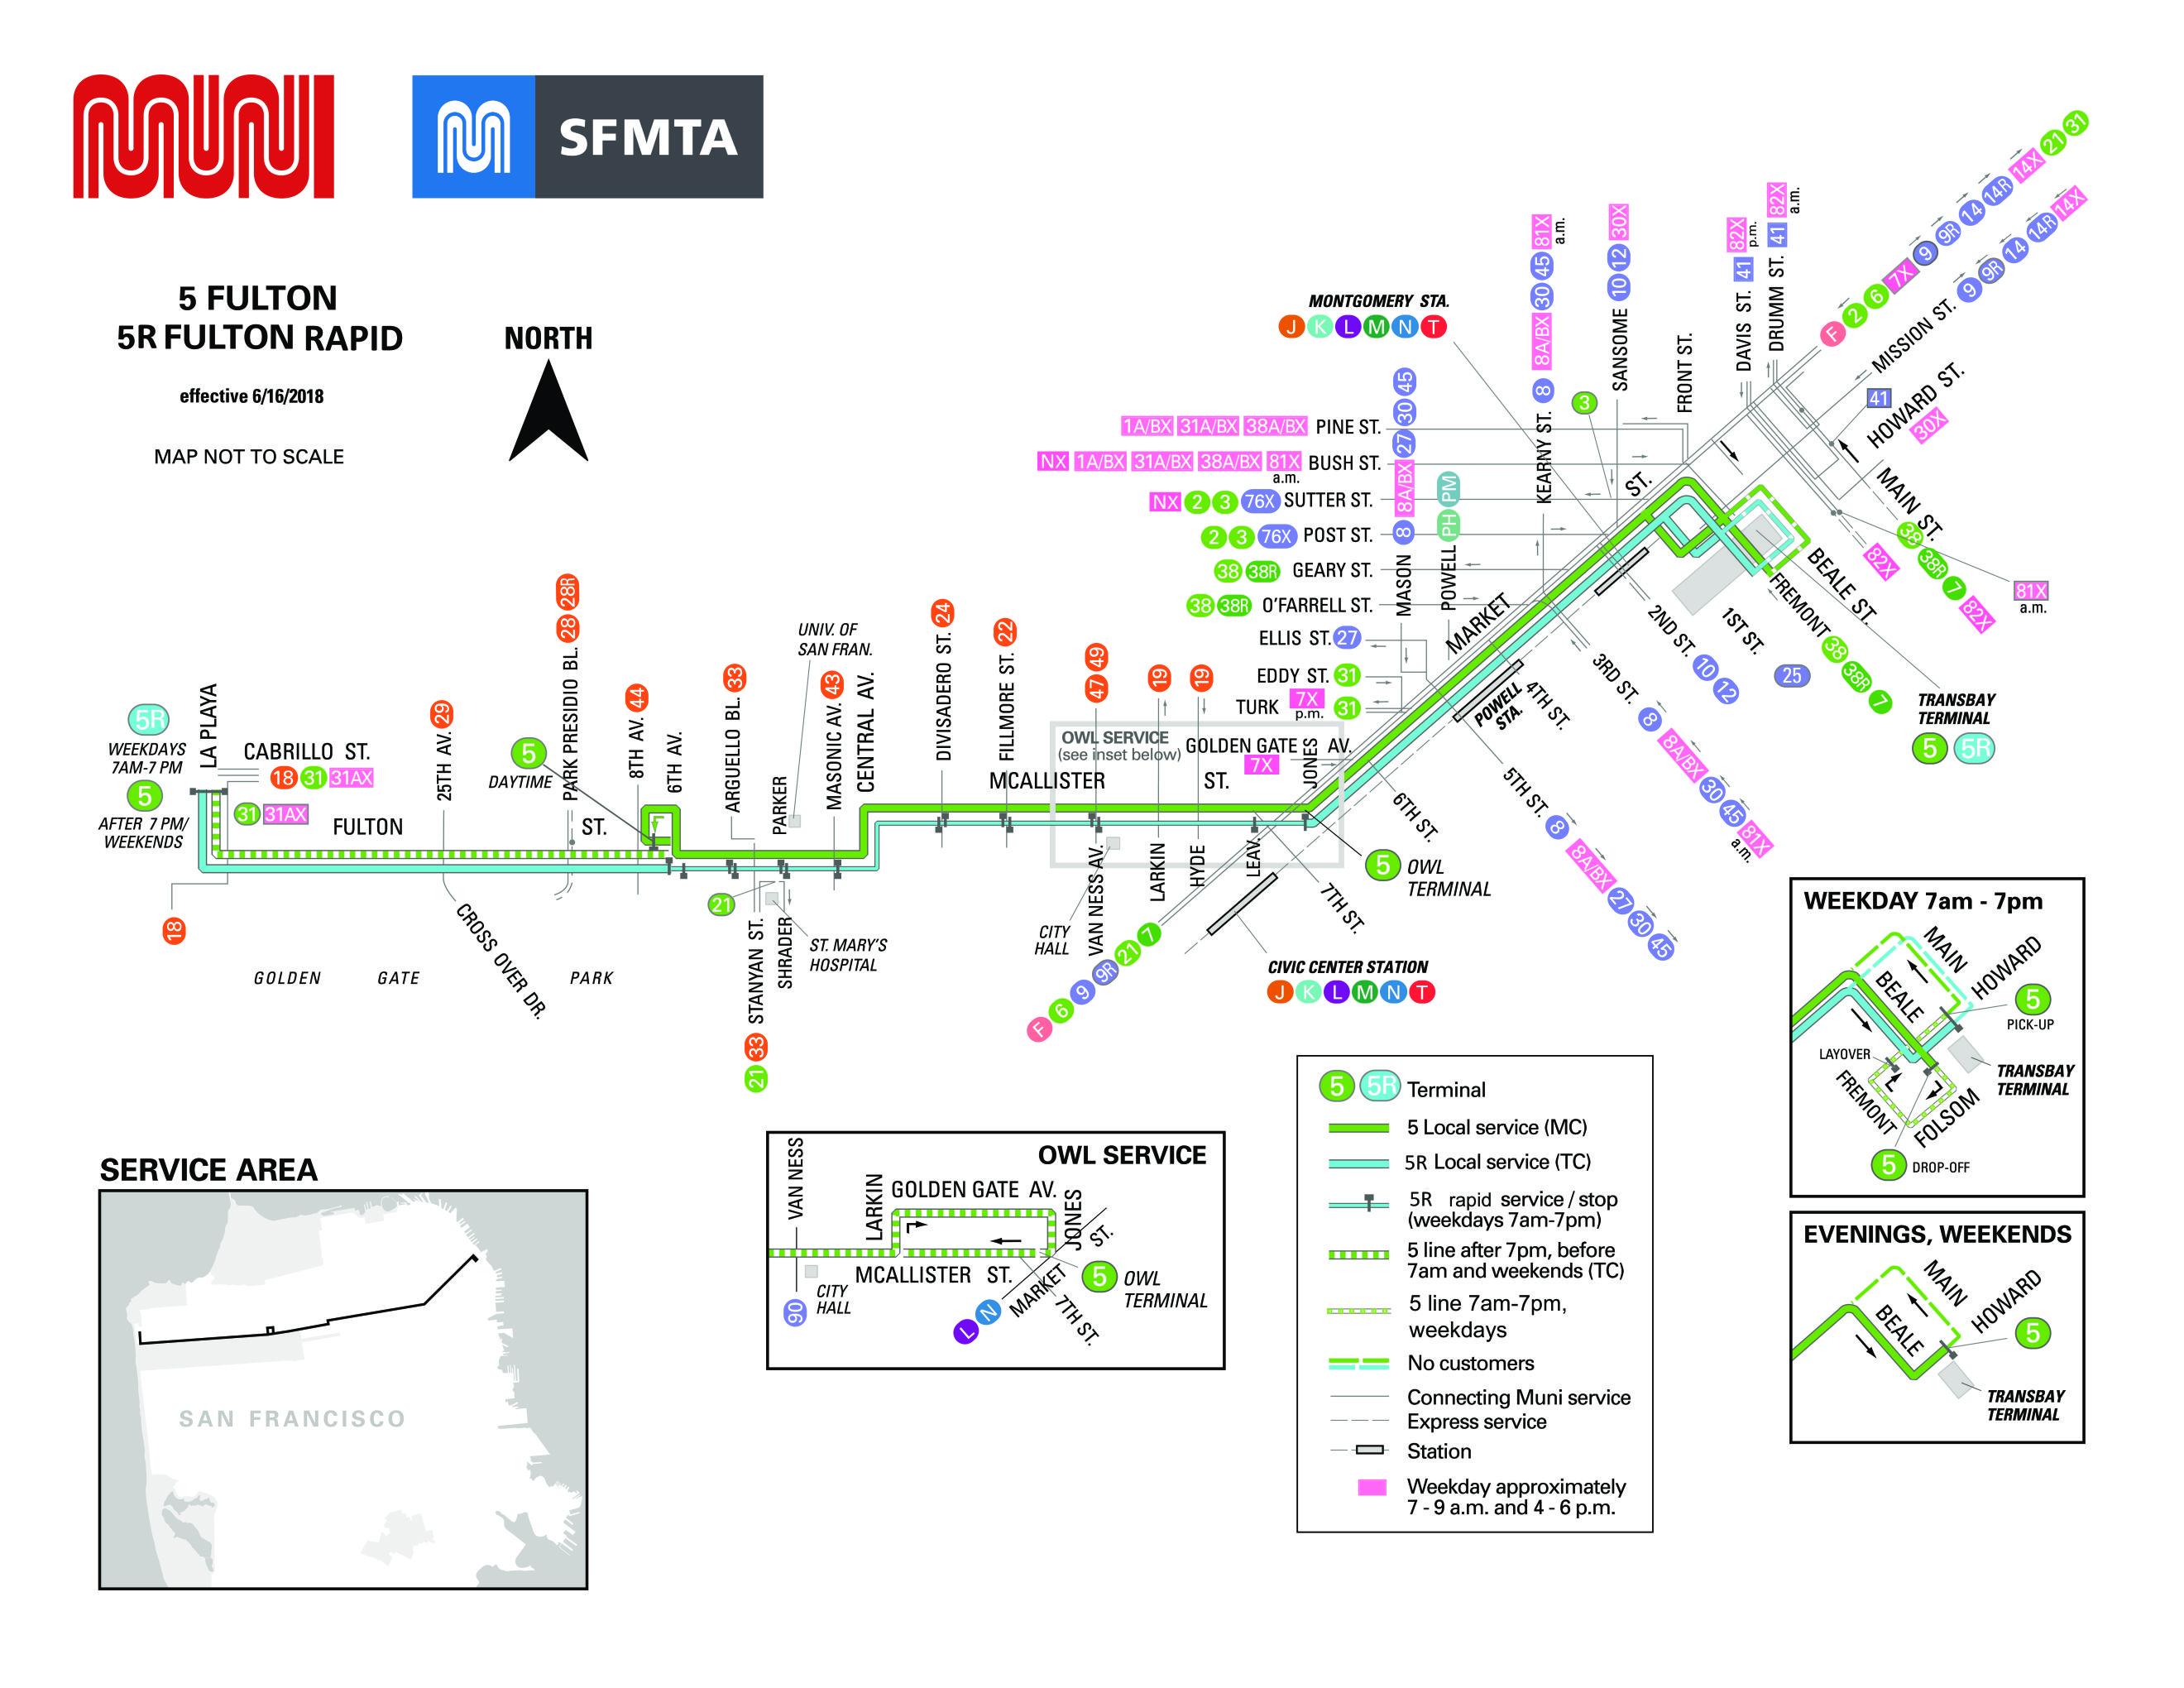 5-fulton bus route - sf muni - sf bay transit